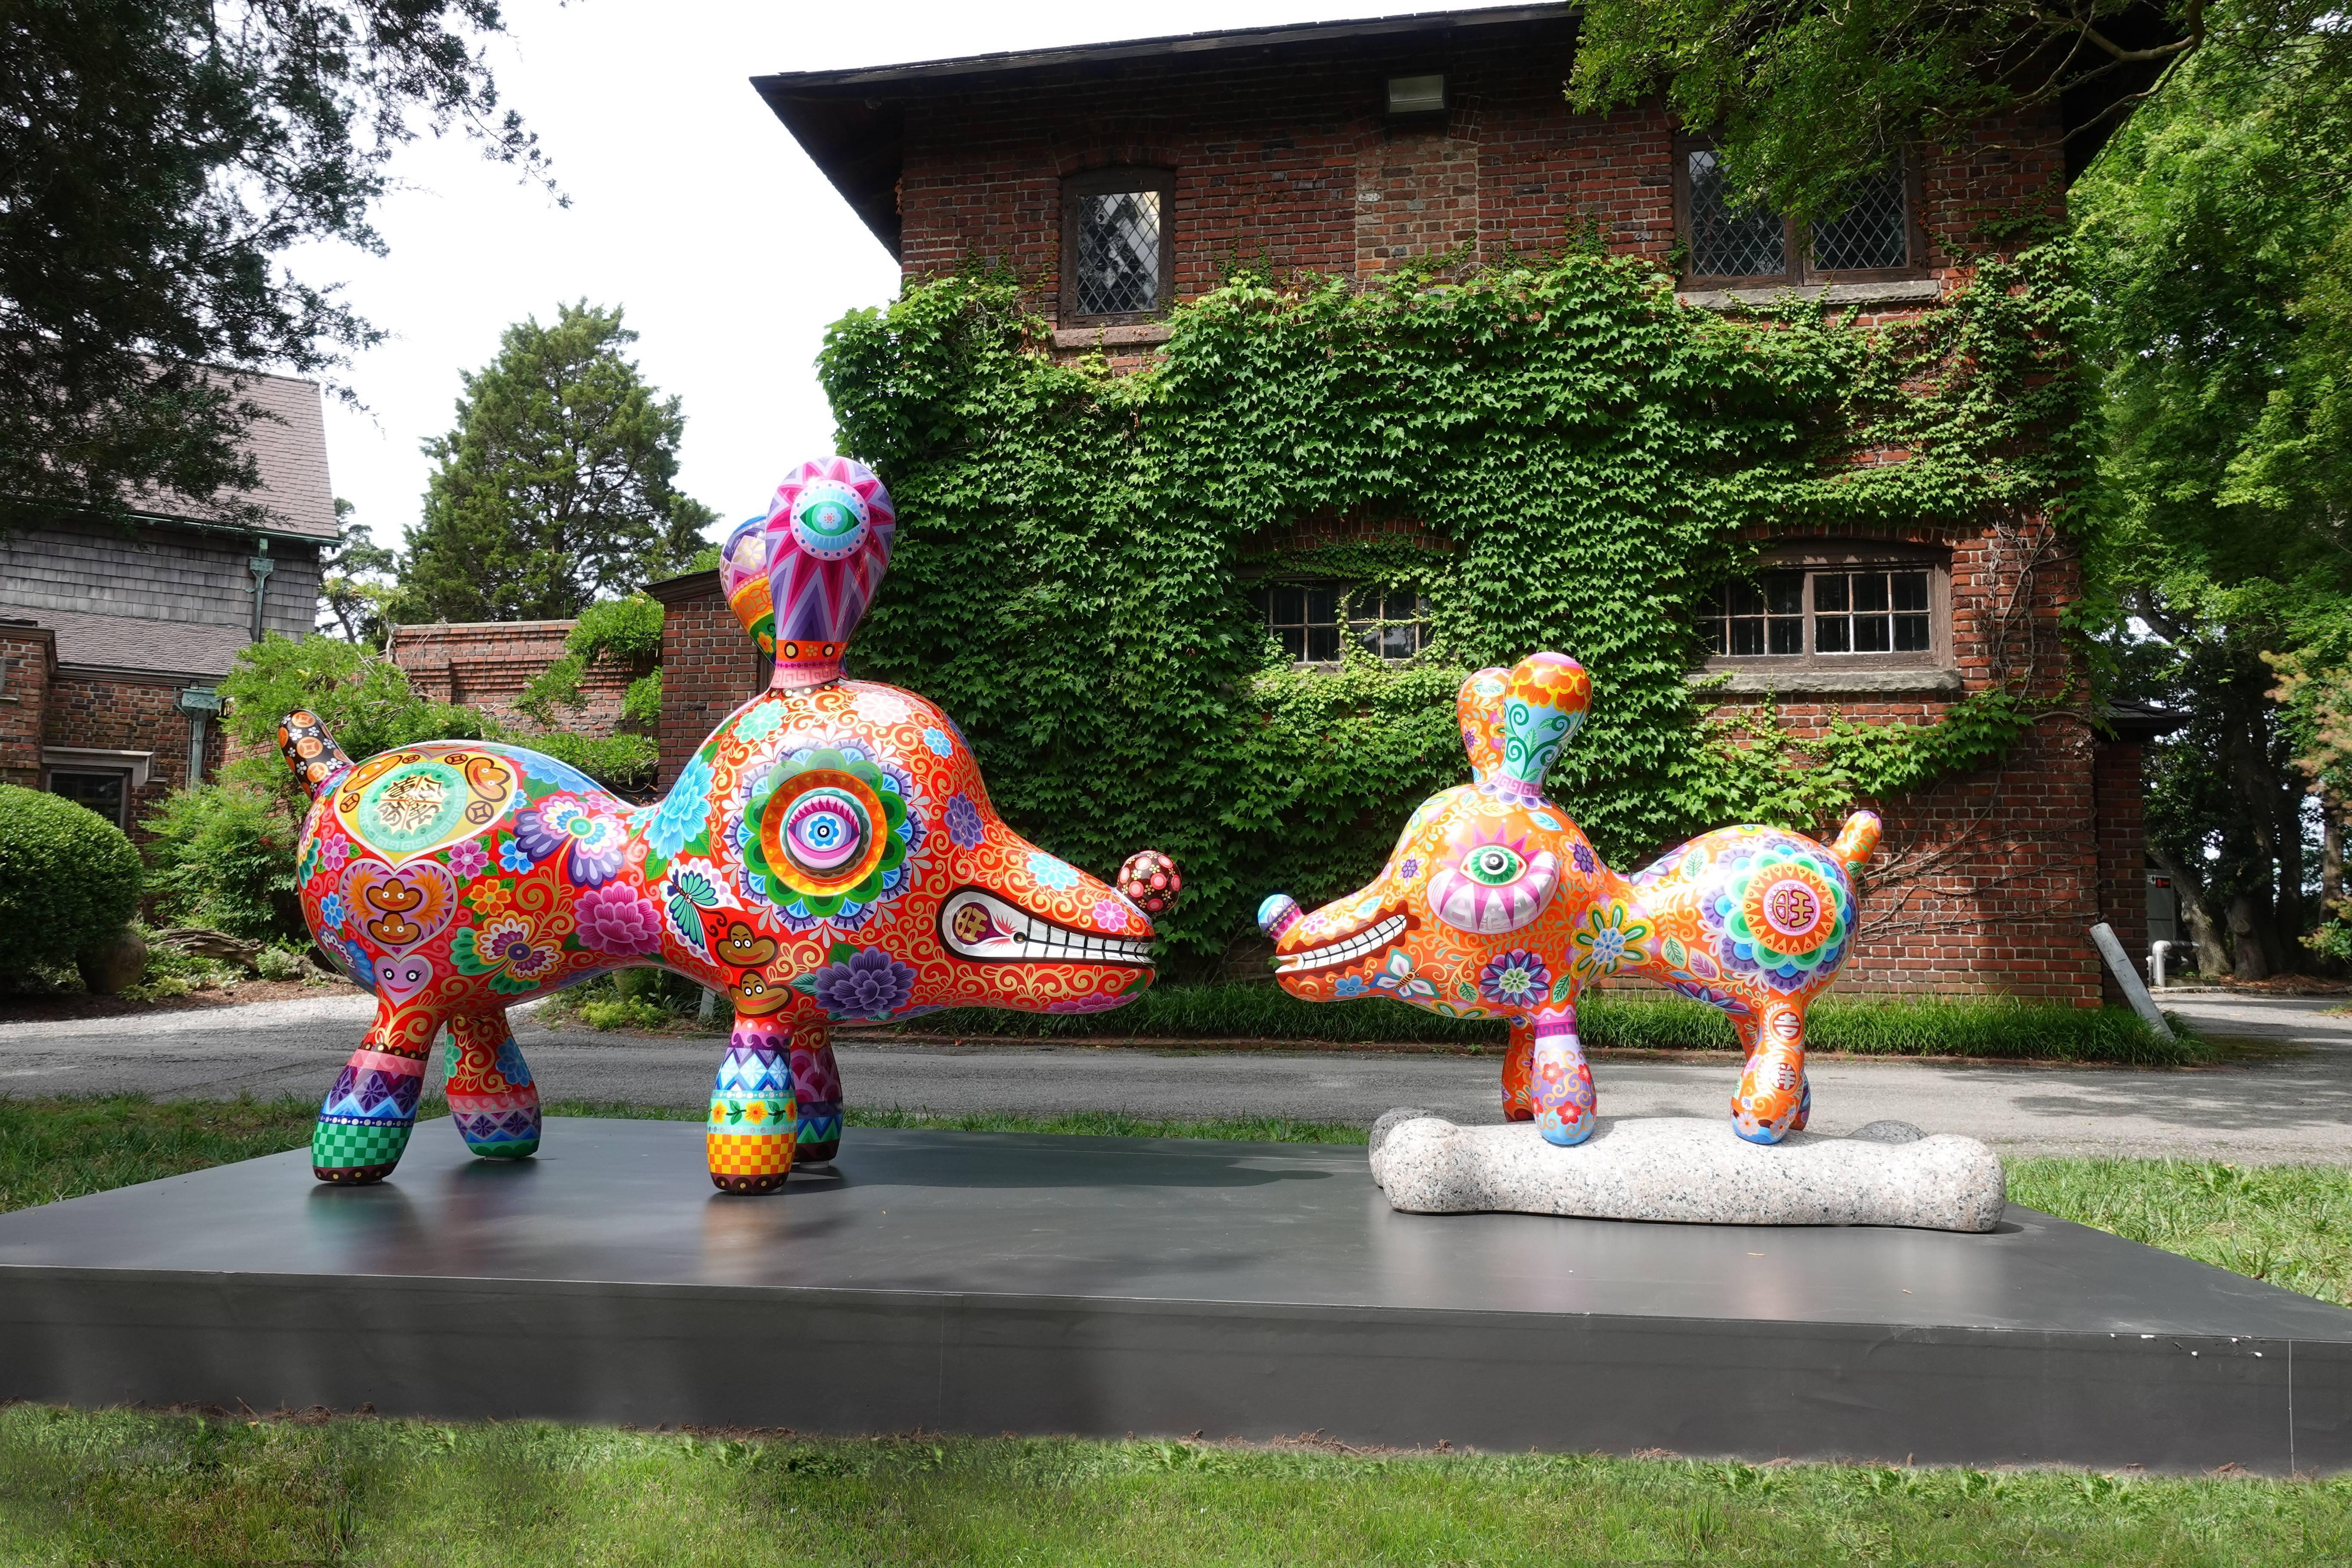 「旺狗」與「骨頭狗」在維吉尼亞州的Hermitage美術館,和大福龍相映成趣。圖/印象畫廊提供